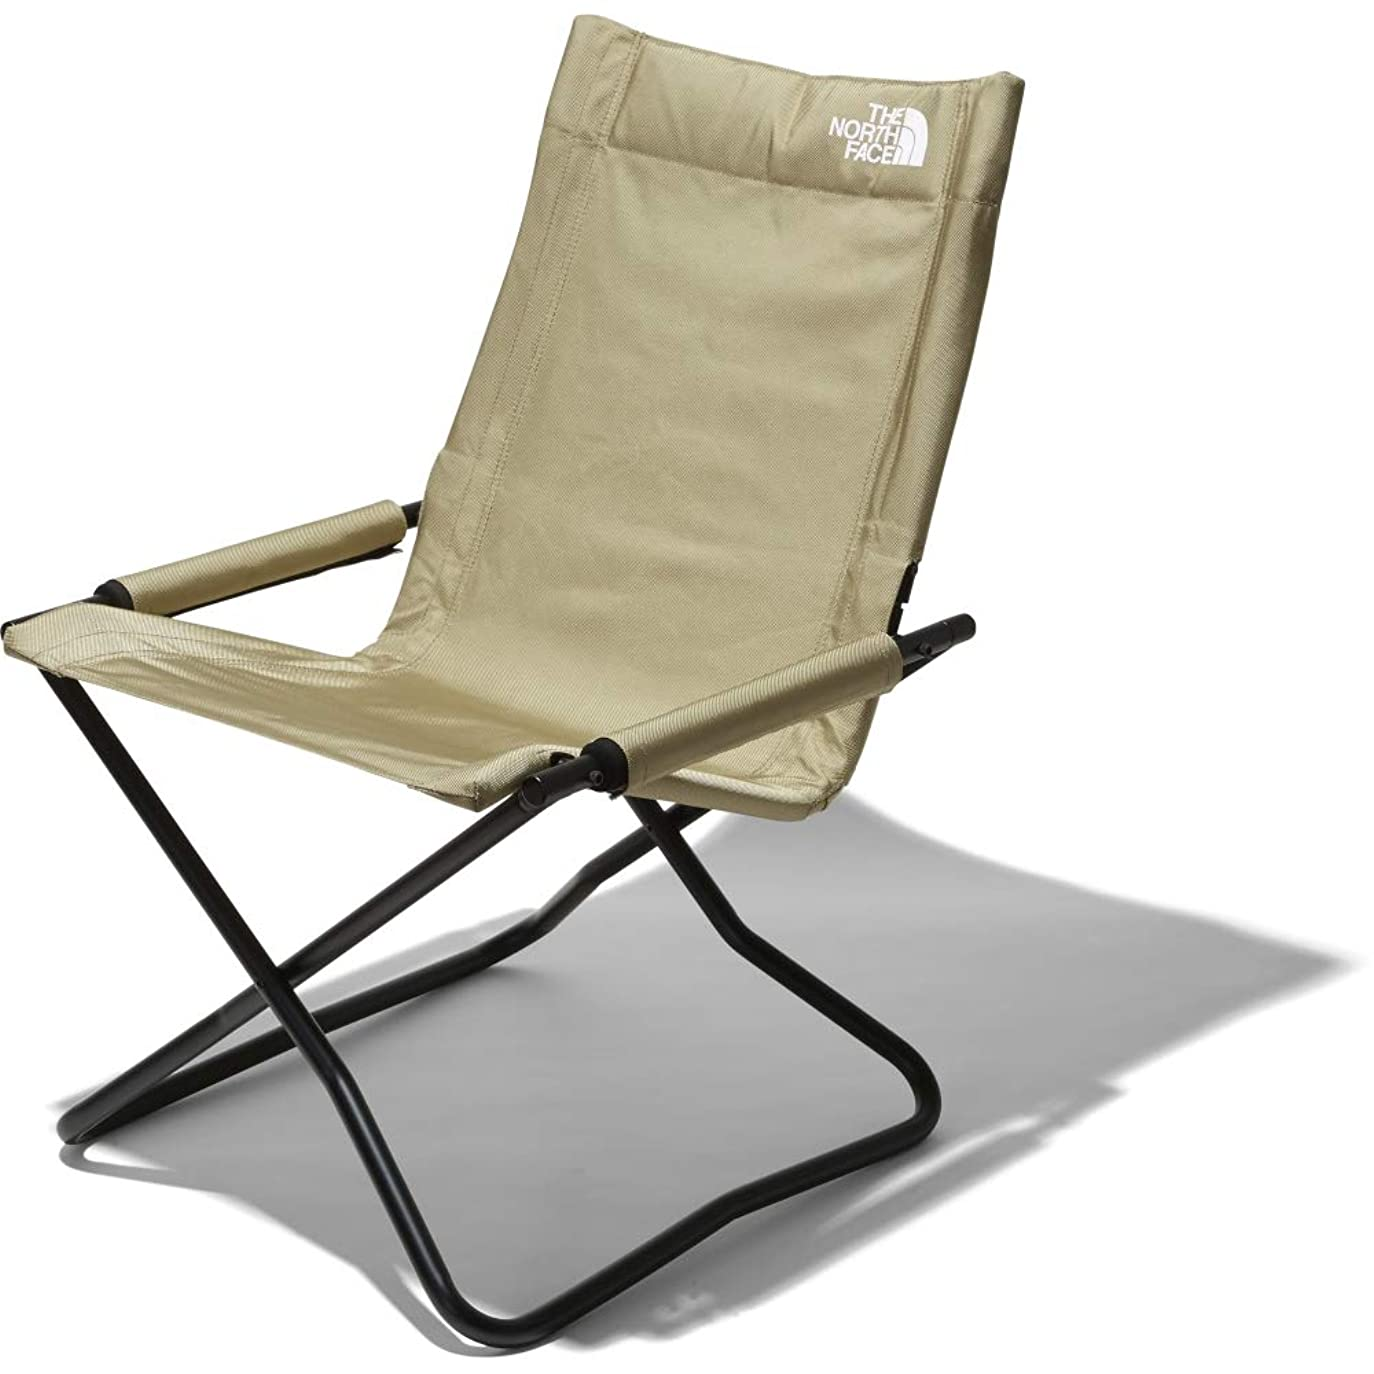 沼地成功する神経衰弱THE NORTH FACE(ザ?ノースフェイス) TNF Camp Chair NN31705 ツイルベージュ